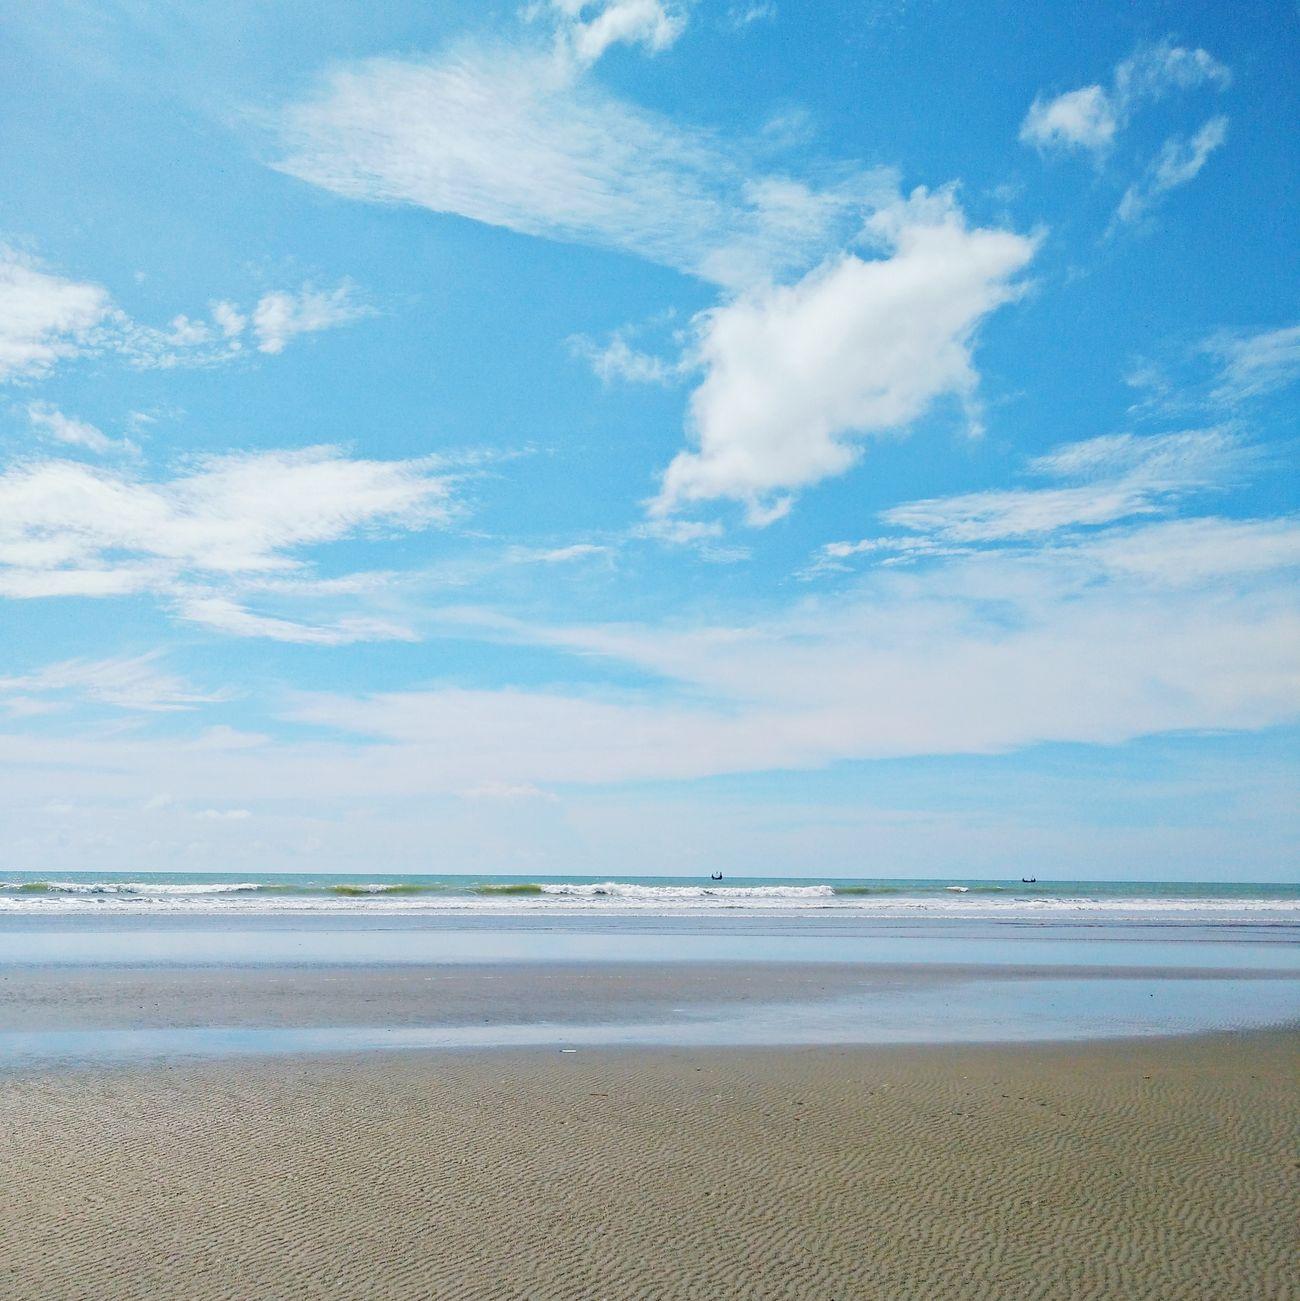 Beach Sand Sea Blue Sky Vacations